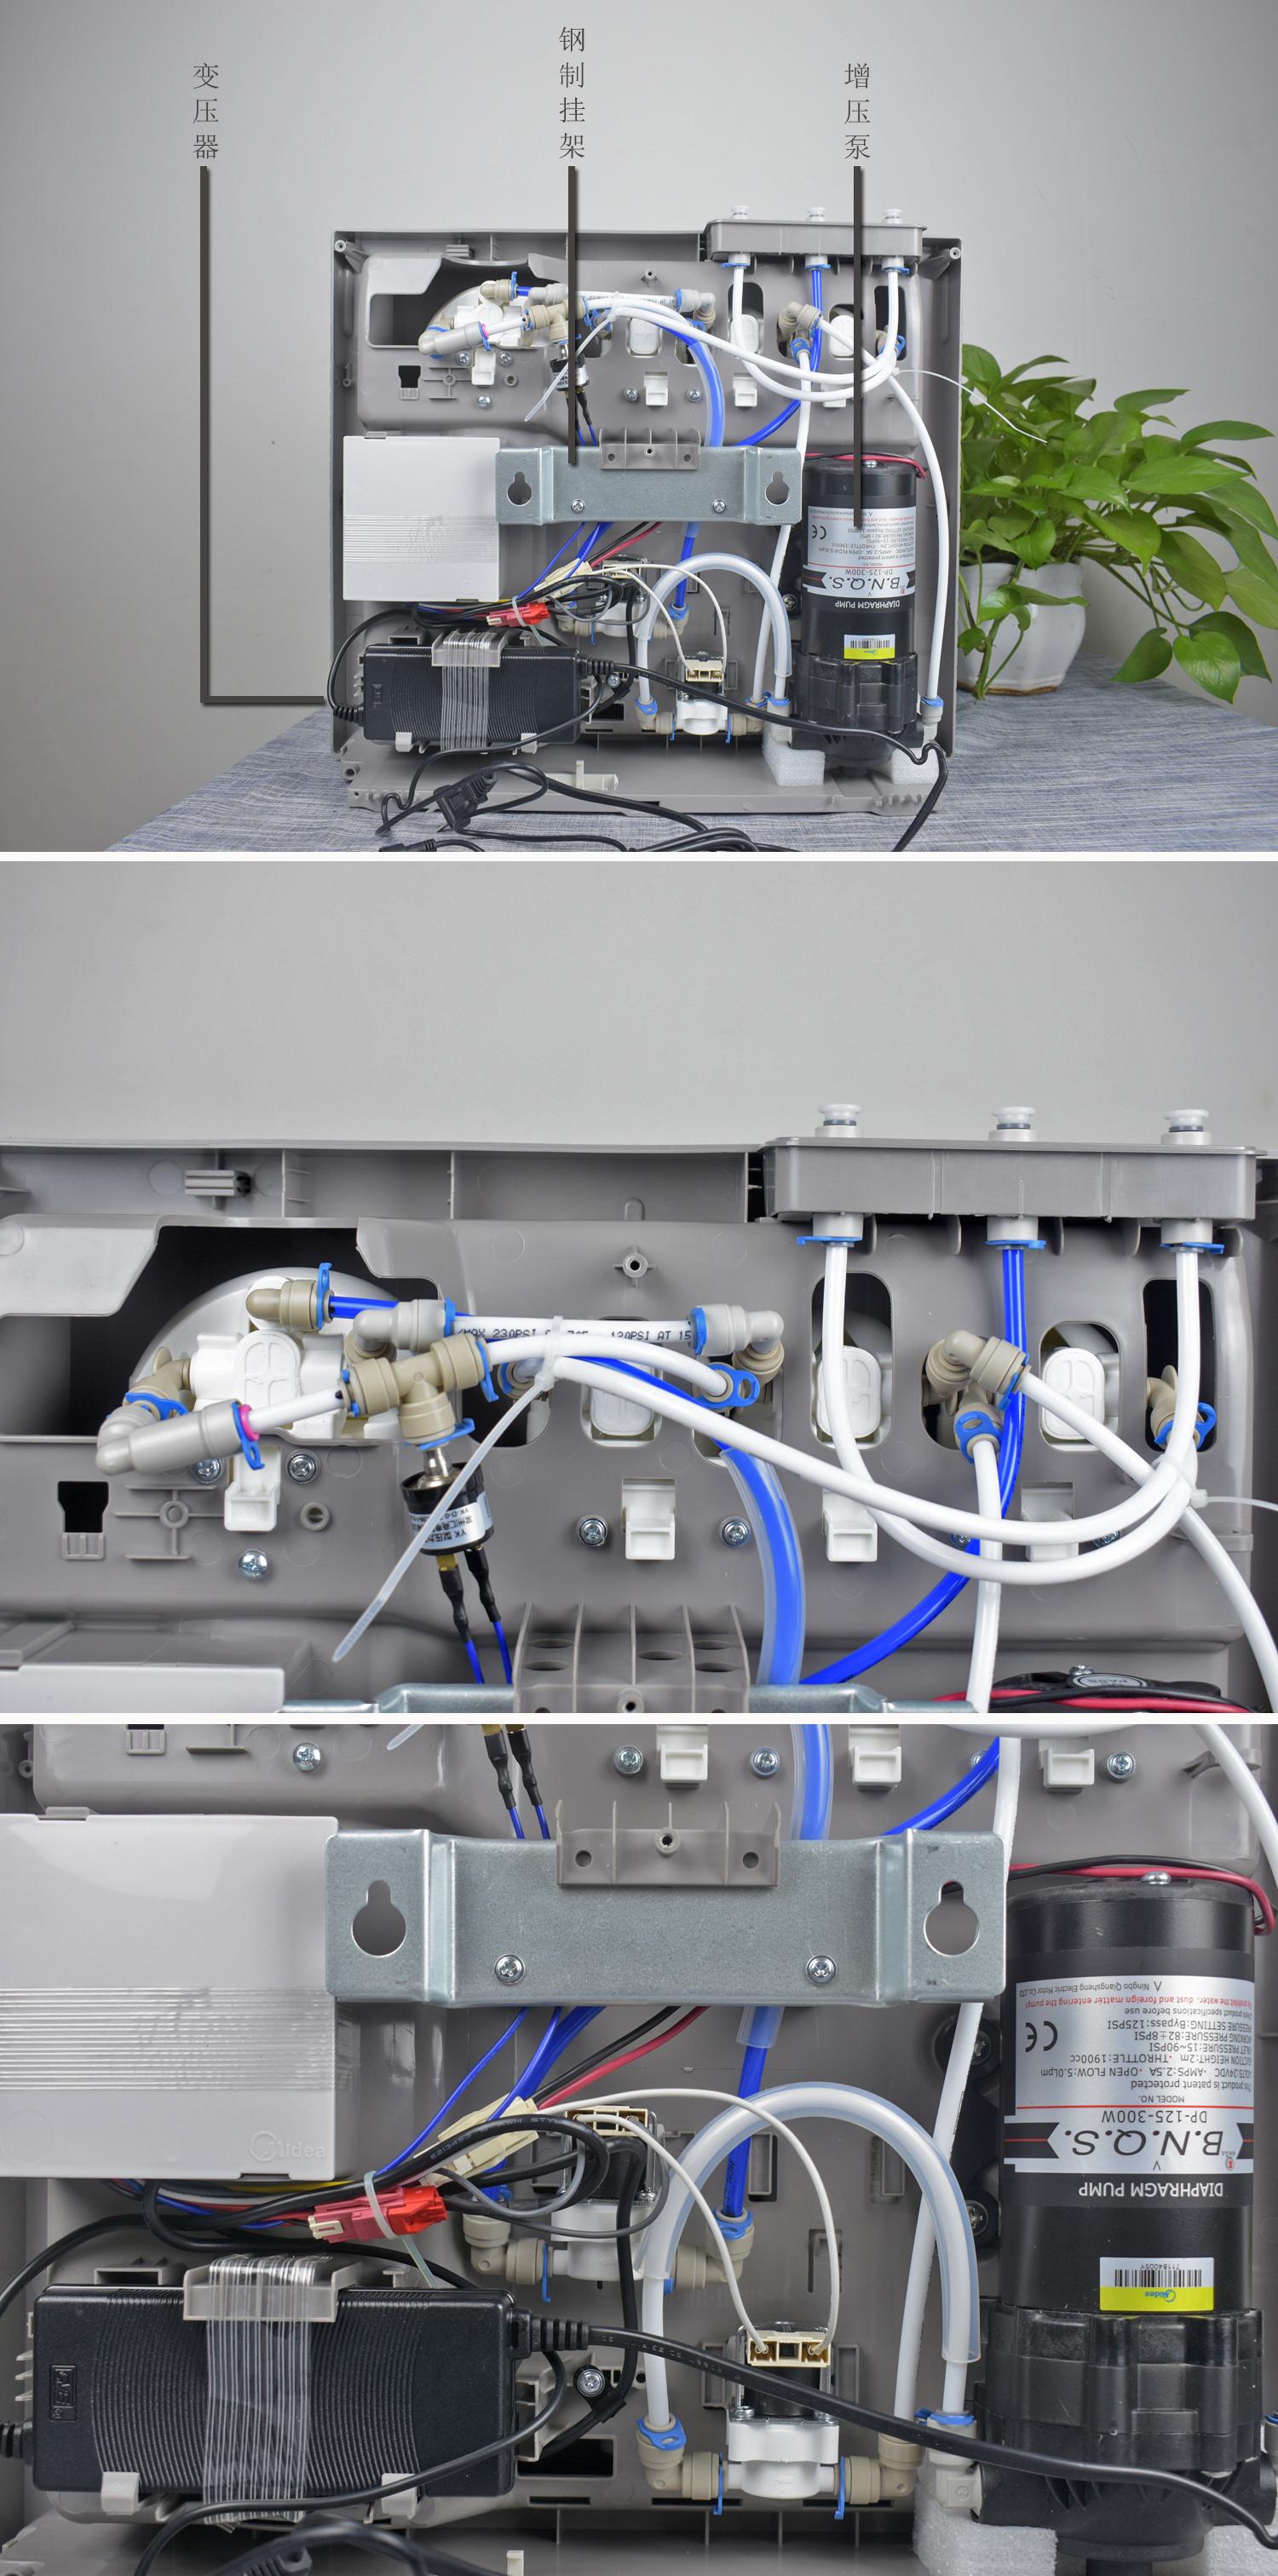 Re:【真实揭秘】美的净水机400G怎么样?已经购买评测:美的净水器400G质量到底差不 ..